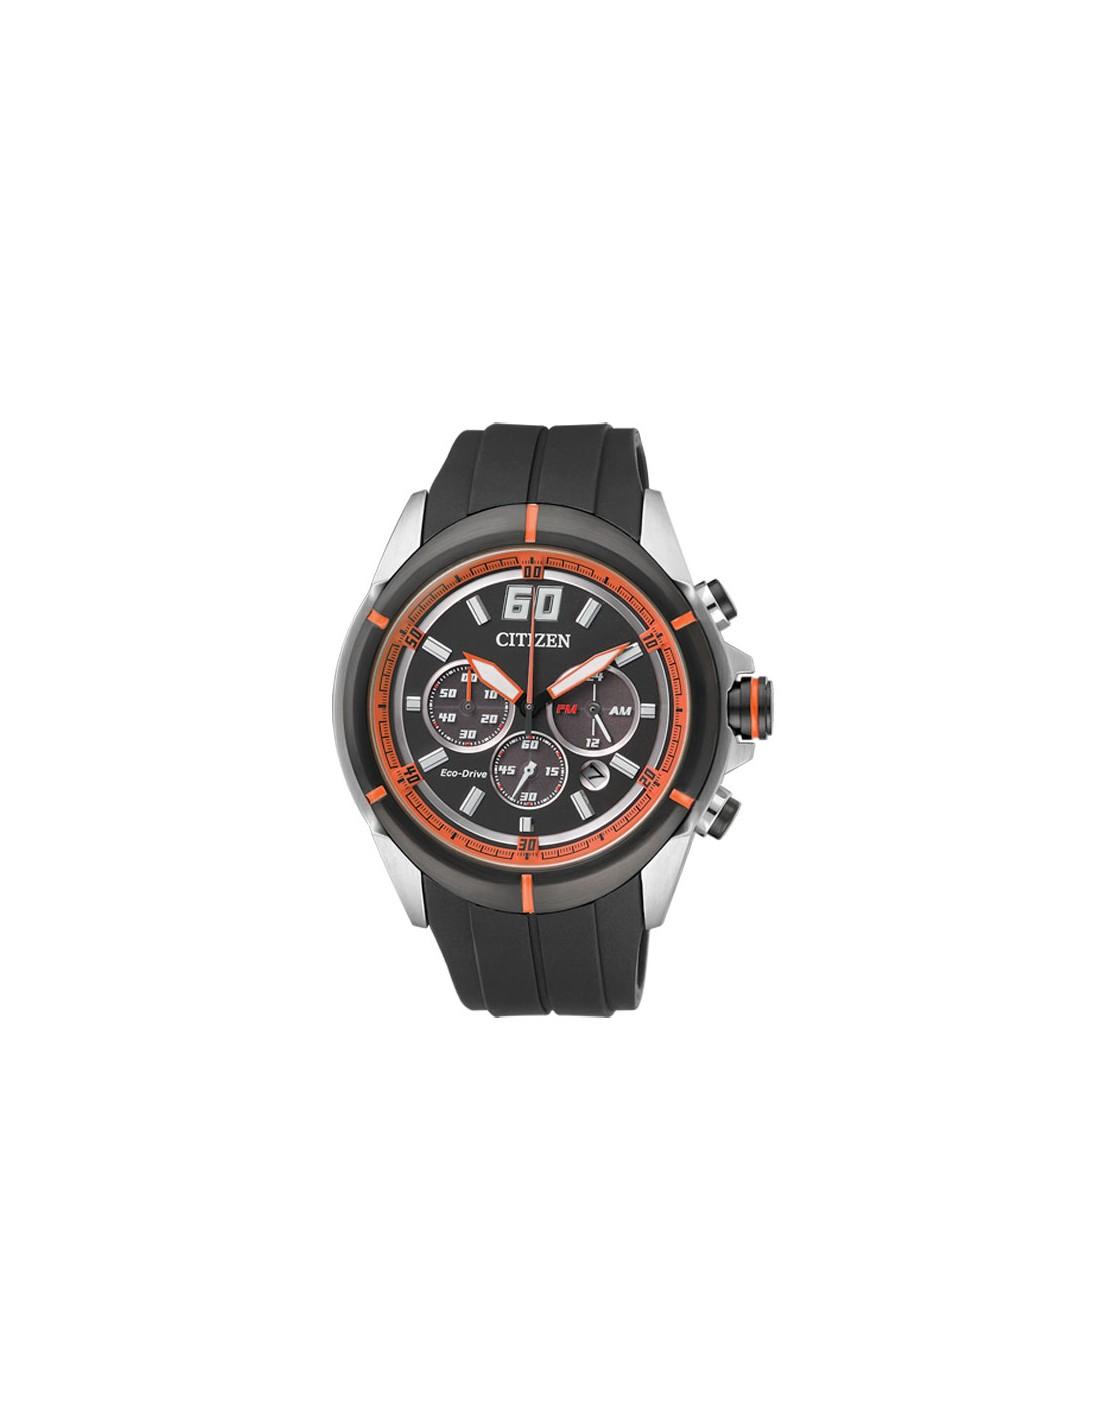 68ea9031df52 Reloj Citizen Eco-Drive CA4105-02E